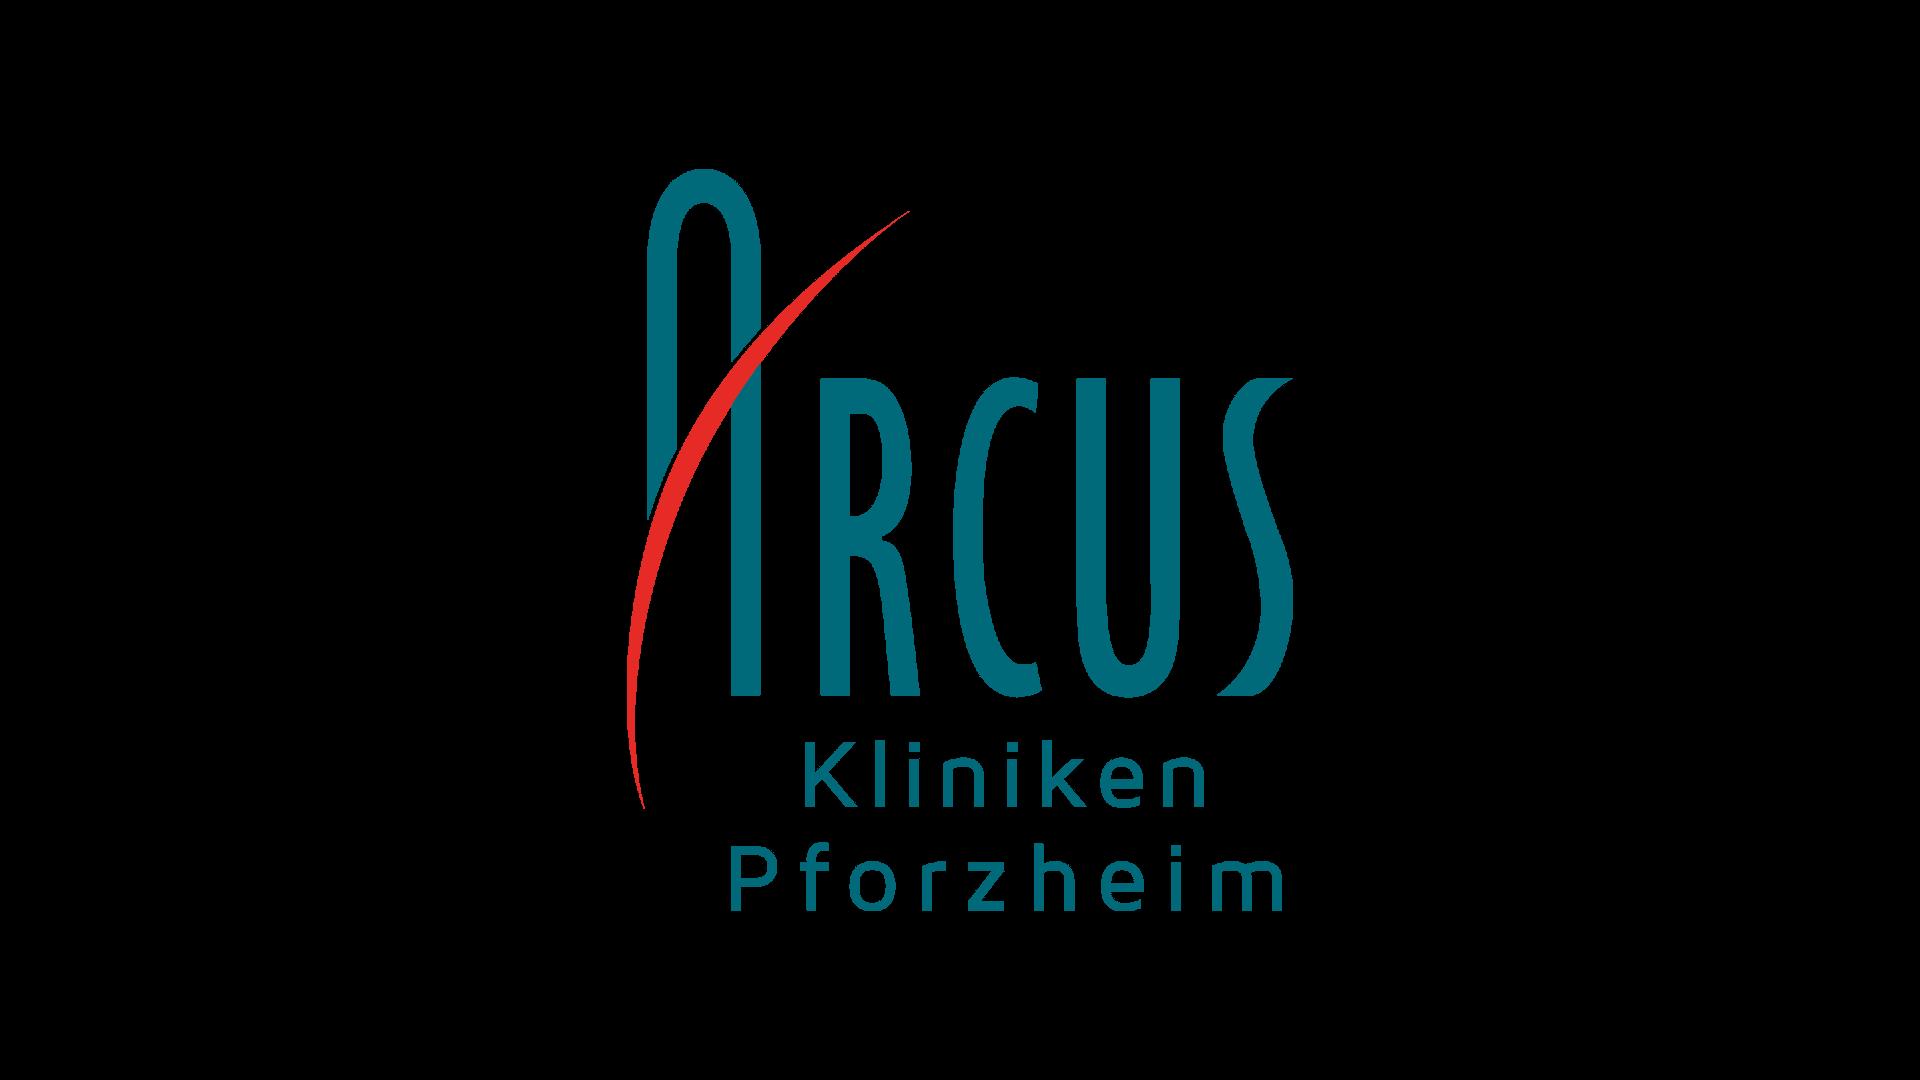 Logo der ARCUS Kliniken